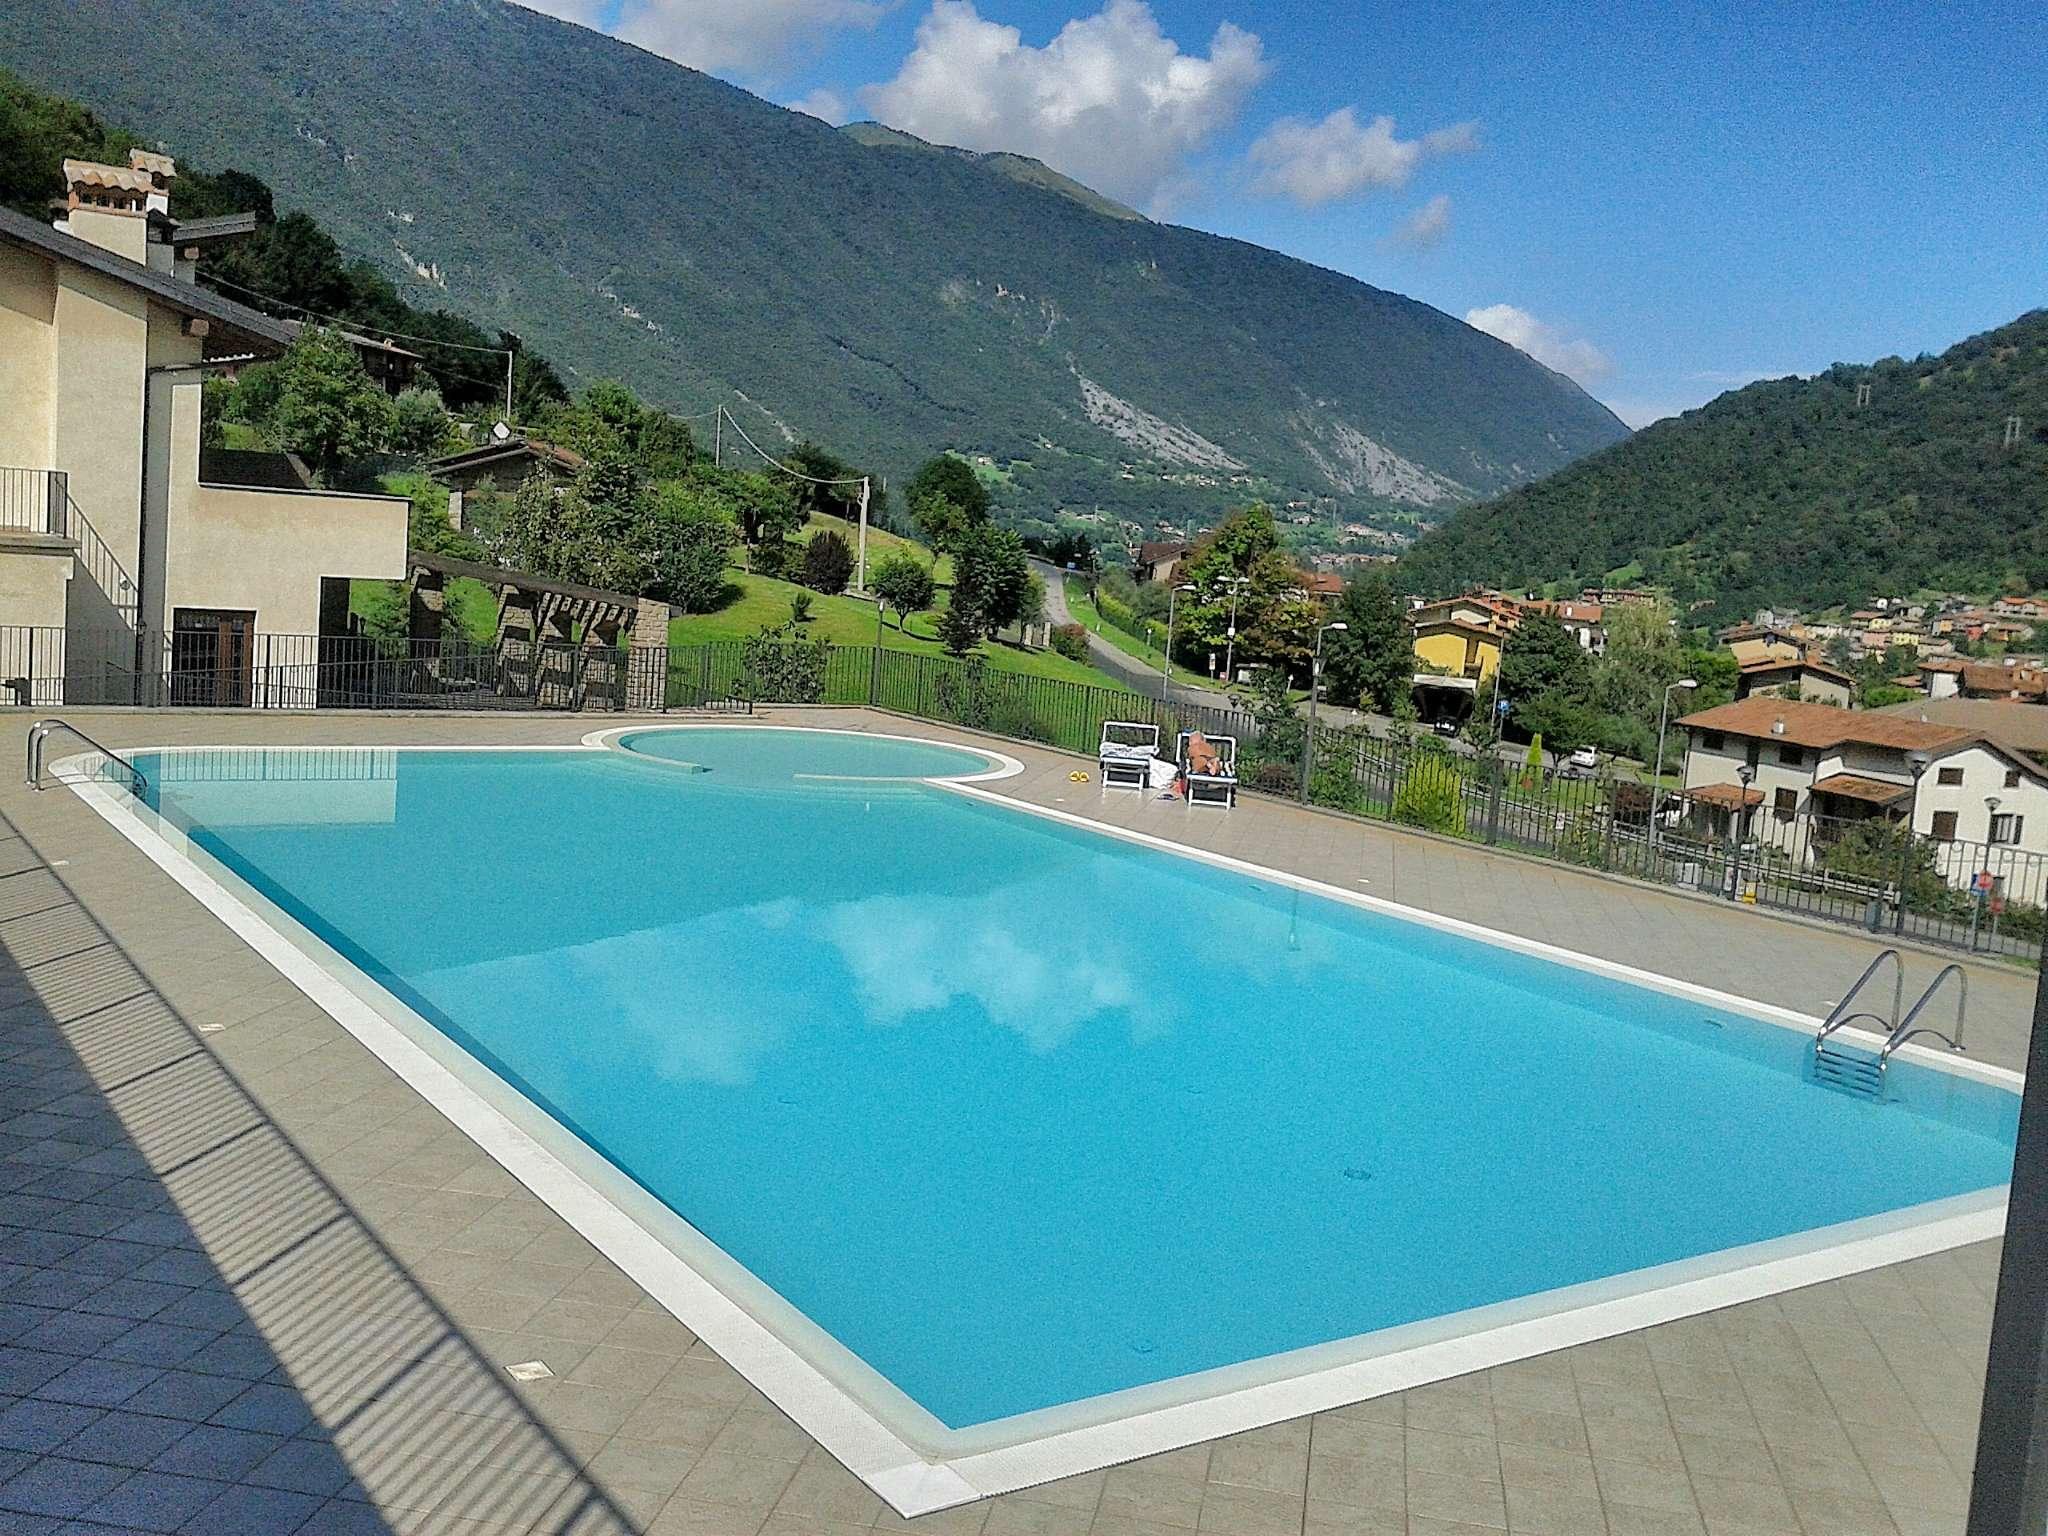 Appartamento in vendita a Ranzanico, 3 locali, prezzo € 195.000 | Cambio Casa.it